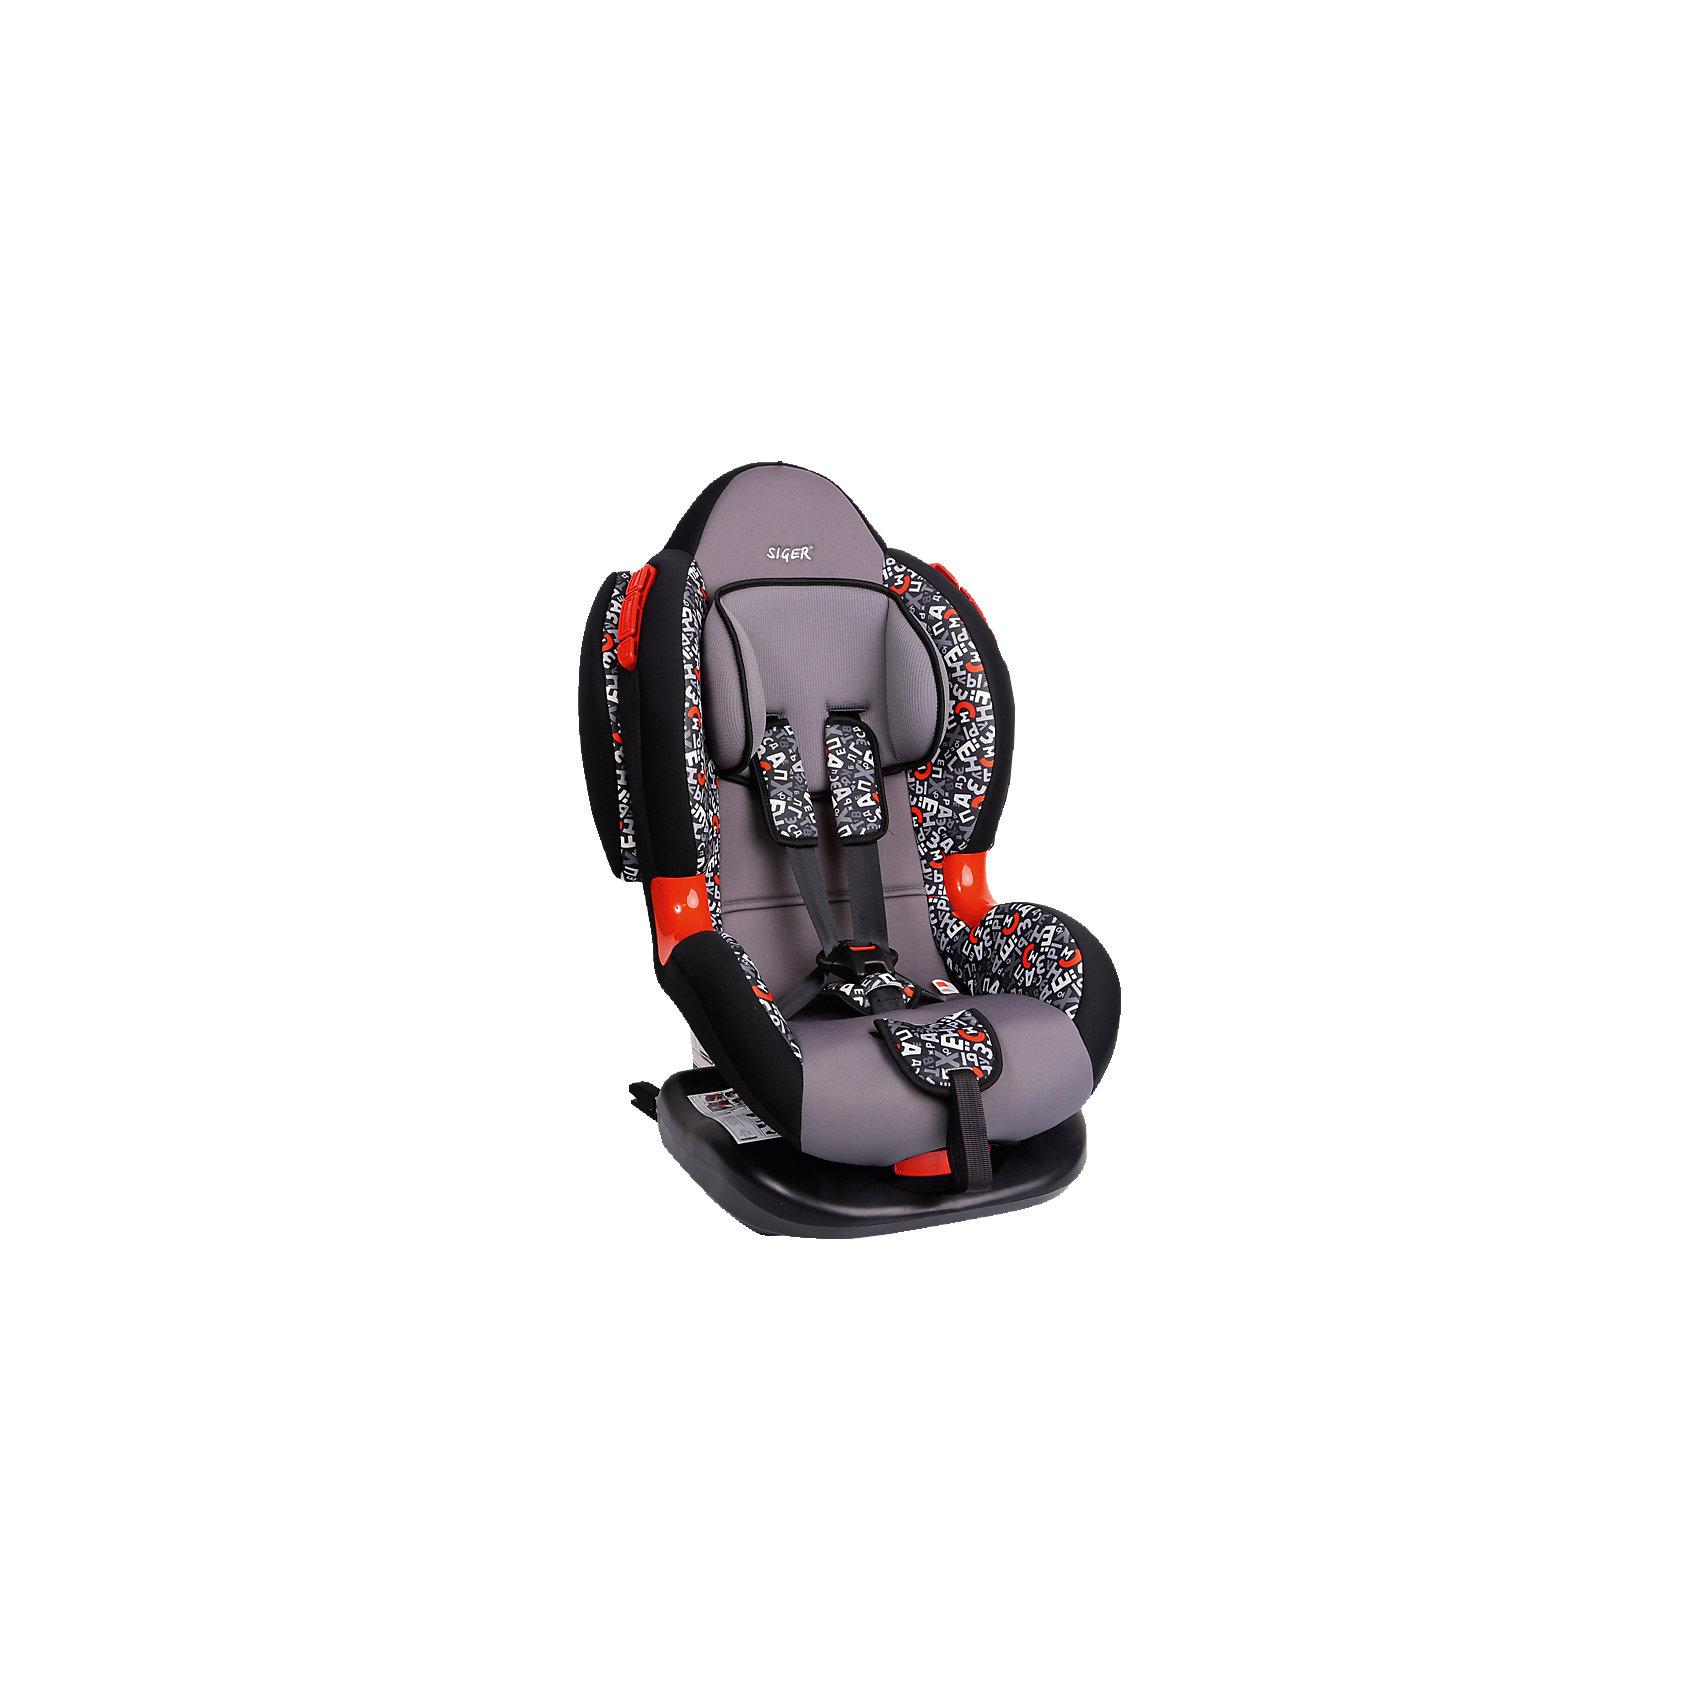 Автокресло Siger Кокон Art Isofix, 9-25 кг, алфавитГруппа 1-2 (От 9 до 25 кг)<br>Автокресло Кокон Art - прекрасный вариант для отдыха и путешествий для уже подросших малышей. Ортопедическая спинка, уникальная форма мягкого подголовника ,замок внутренних ремней с повышенной надежностью, 2 позиции прохождения штатного ремня обеспечивают удобство и надежную защиту вашего ребенка. Спинка регулируется в 6 положениях, что позволяет креслу адаптироваться под наклон сидений автомобиля. Округлая форма сиденья предохраняет ножки малышей от затекания и натирания в процессе езды. Модель имеет внутренние 5- титочечные ремни безопасности с мягкими внутренними накладками для еще большего комфорта. Износостойкие вставки для внутренних ремней для еще большей прочности и красоты. Кресло выполнено из высококачественных материалов, съемный  чехол прекрасно стирается в машине или же руками.<br><br>Дополнительная информация:<br><br>- Материал: пластик, текстиль.<br>- Вес ребенка: 9-25 кг. ( 1-7 лет).<br>- Группа 1-2.<br>- Ширина: 49 см.<br>- Глубина: 78 см.<br>- Глубина посадочного места: 50,5 см.<br>- Вес кресла: 8,4 кг.<br>- Регулировка ремней и плечевых лямок.<br>- 5- титочечные ремни безопасности.<br>- Ортопедическая спинка.<br>- Цвет: серый, принт - абстракция. <br>- Стирка: ручная, машинная ( при 30 ? ).<br>- Способ установки: лицом вперед.<br>- Ударопрочные боковые демпферы в комплектации «Изофикс (ISOFIX) плюс якорный ремень»<br><br>Автокресло Кокон Art Isofix, 9-25 кг., Siger (Сигер), алфавит можно купить в нашем магазине.<br><br>Ширина мм: 505<br>Глубина мм: 490<br>Высота мм: 780<br>Вес г: 8400<br>Возраст от месяцев: 12<br>Возраст до месяцев: 84<br>Пол: Унисекс<br>Возраст: Детский<br>SKU: 3999735